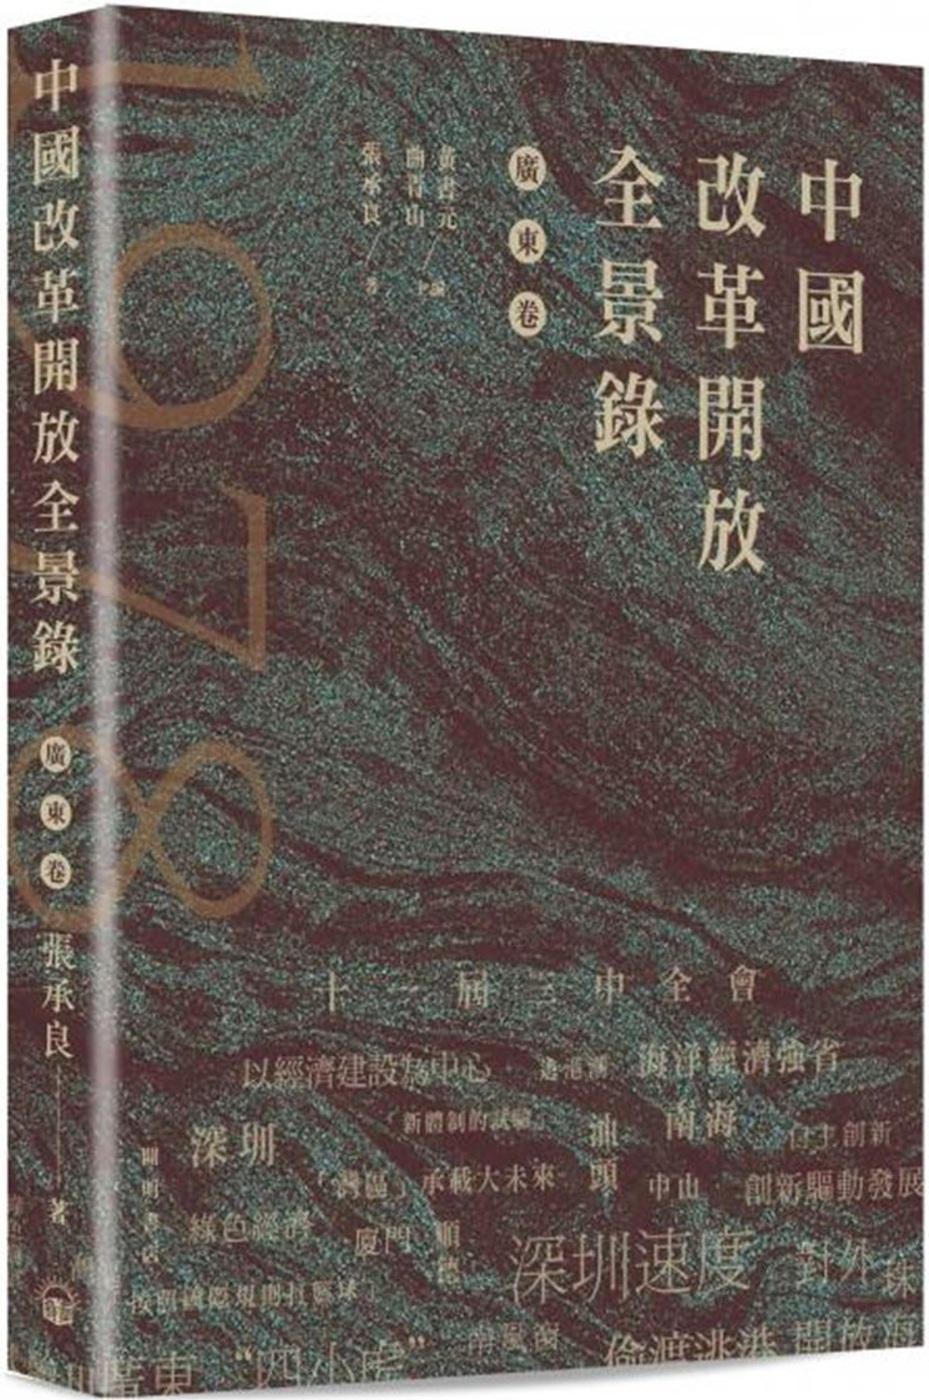 中國改革開放全景錄·廣東卷